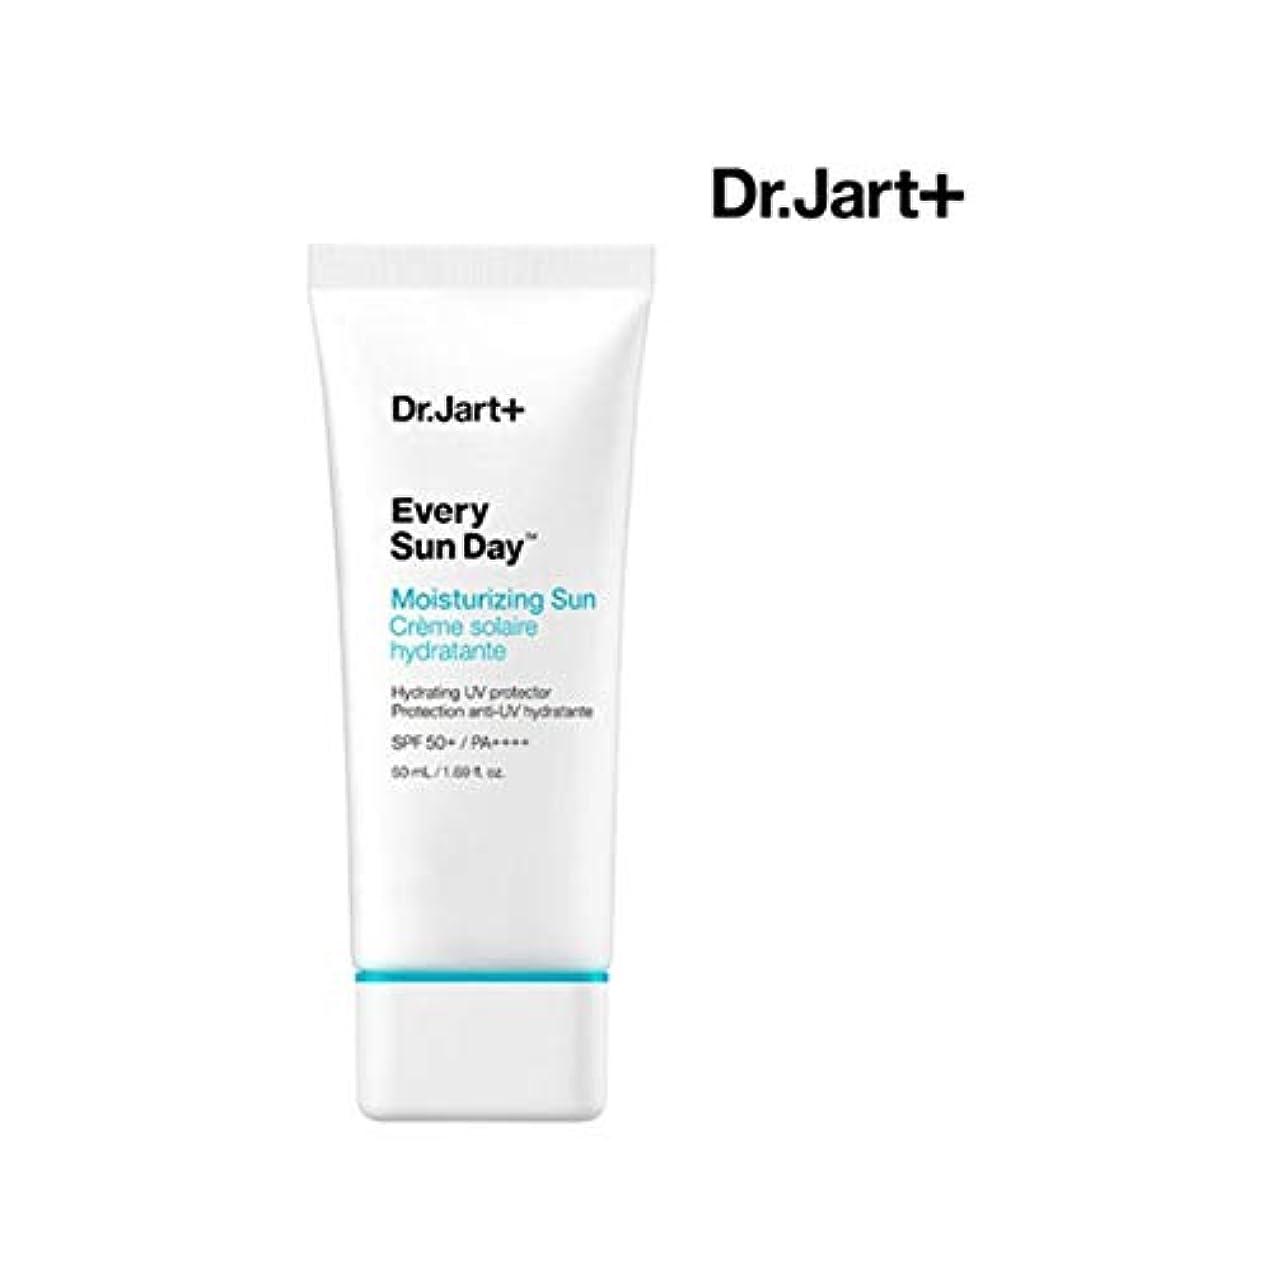 管理虐殺扱いやすいドクタージャルトゥエブリサンデーモイスチャーライジングサン50mlサンクリーム韓国コスメ、Dr.Jart Every Sun Day Moisturizing Sun 50ml Sun Cream Korean Cosmetics...